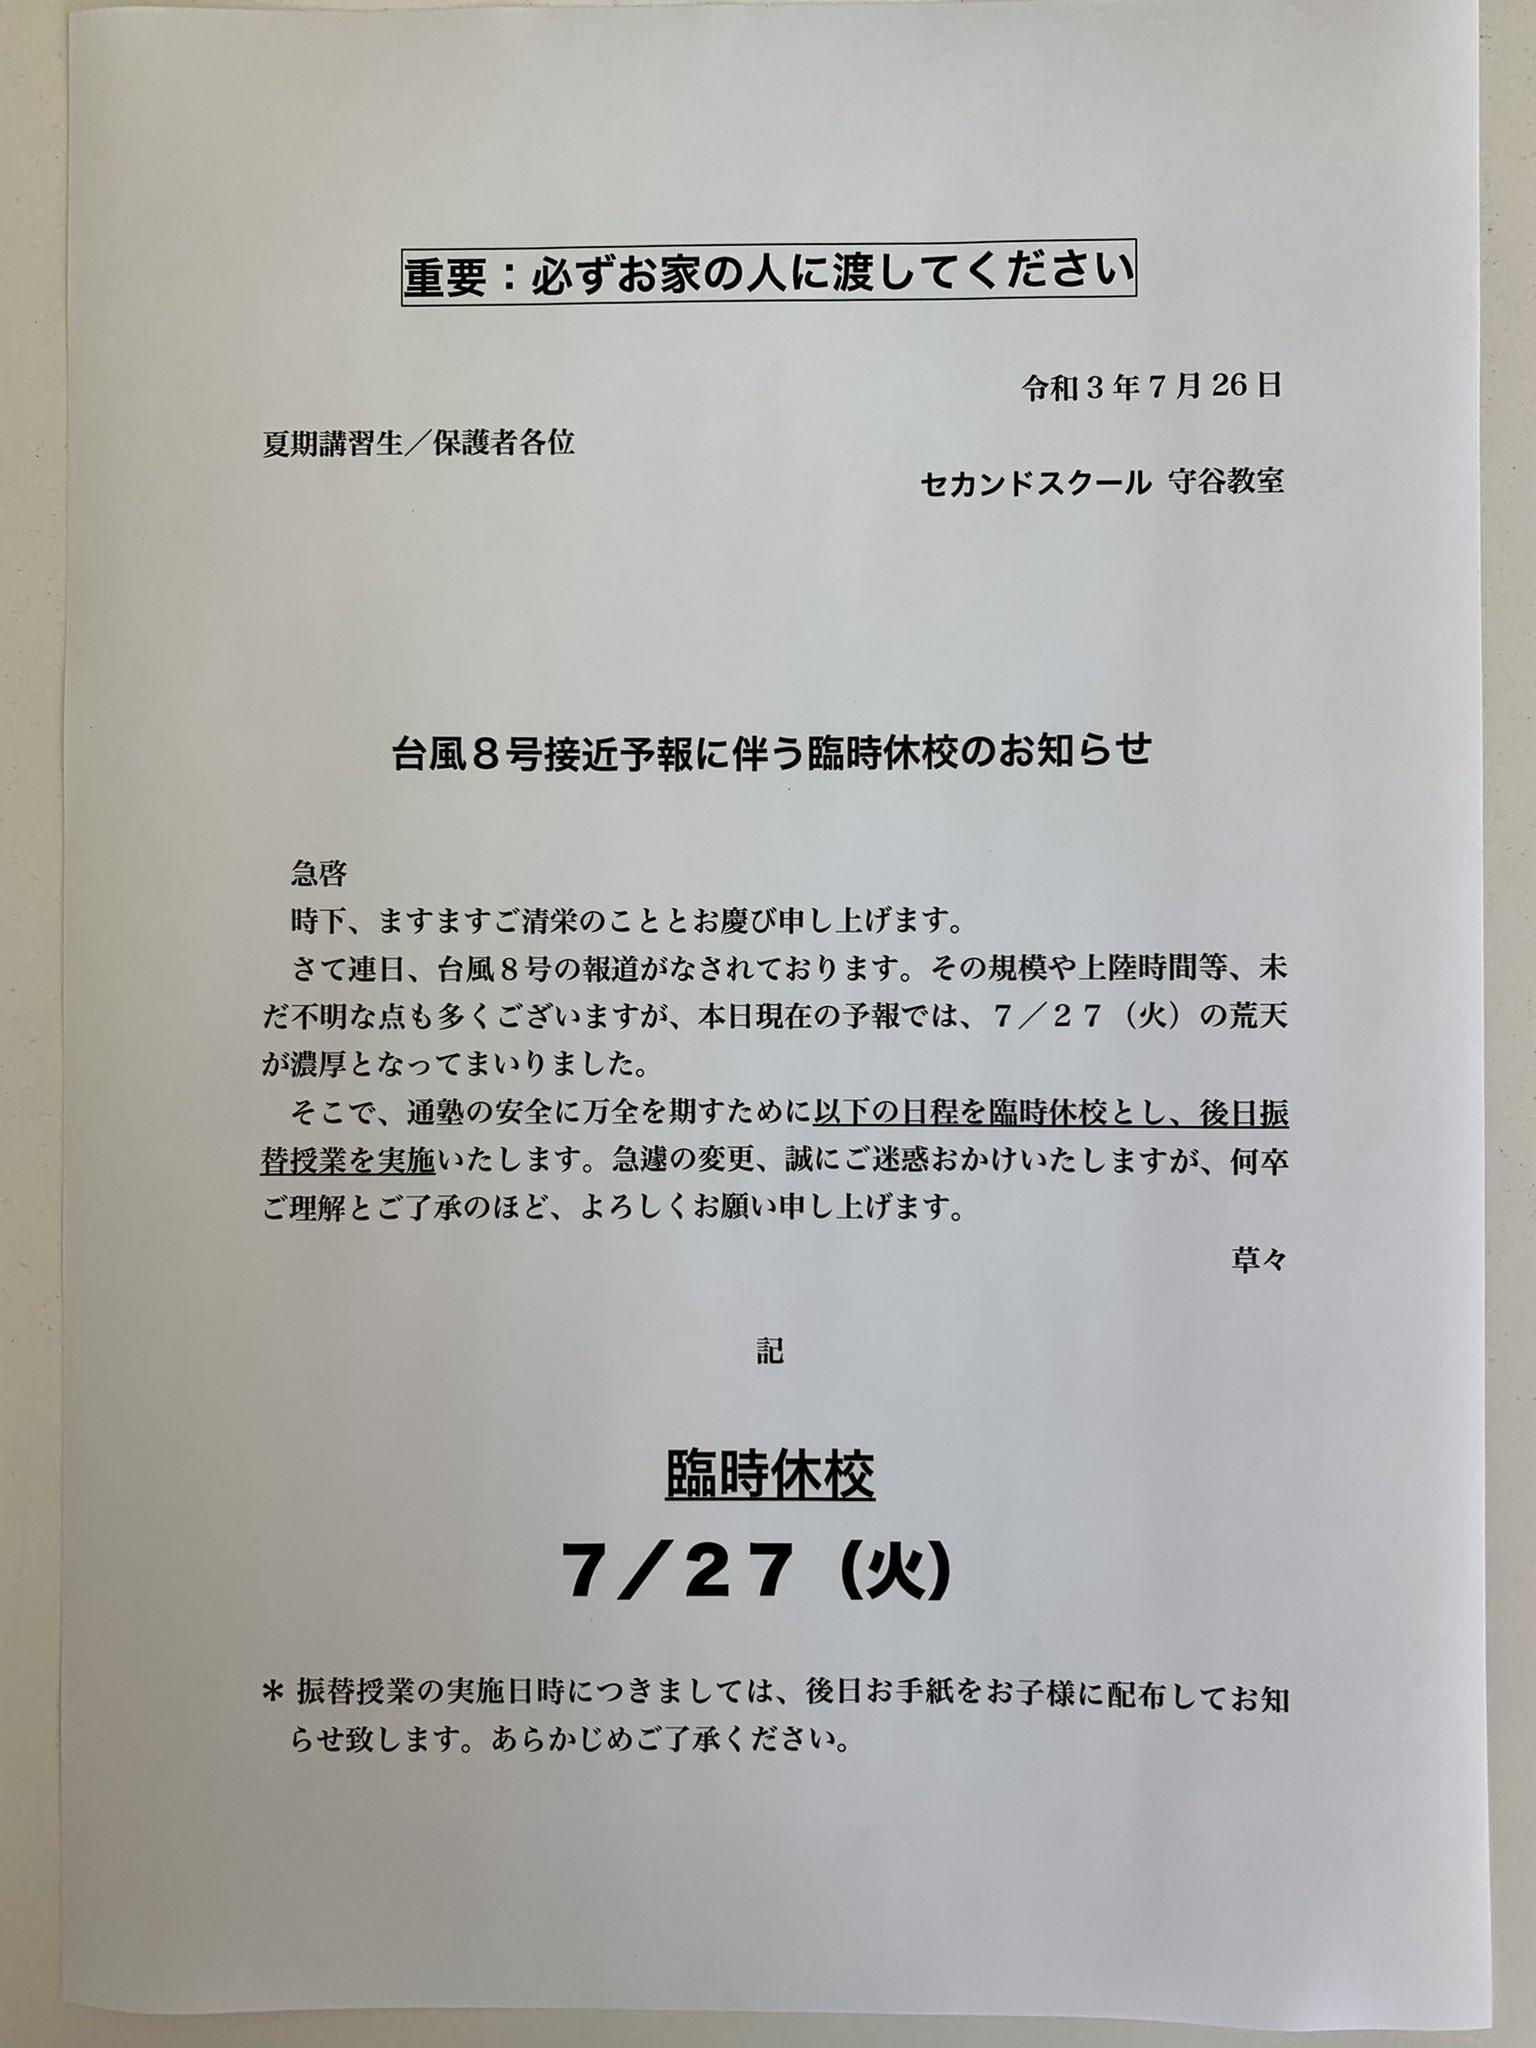 【臨時休校のお知らせ】(7/27(火))page-visual 【臨時休校のお知らせ】(7/27(火))ビジュアル